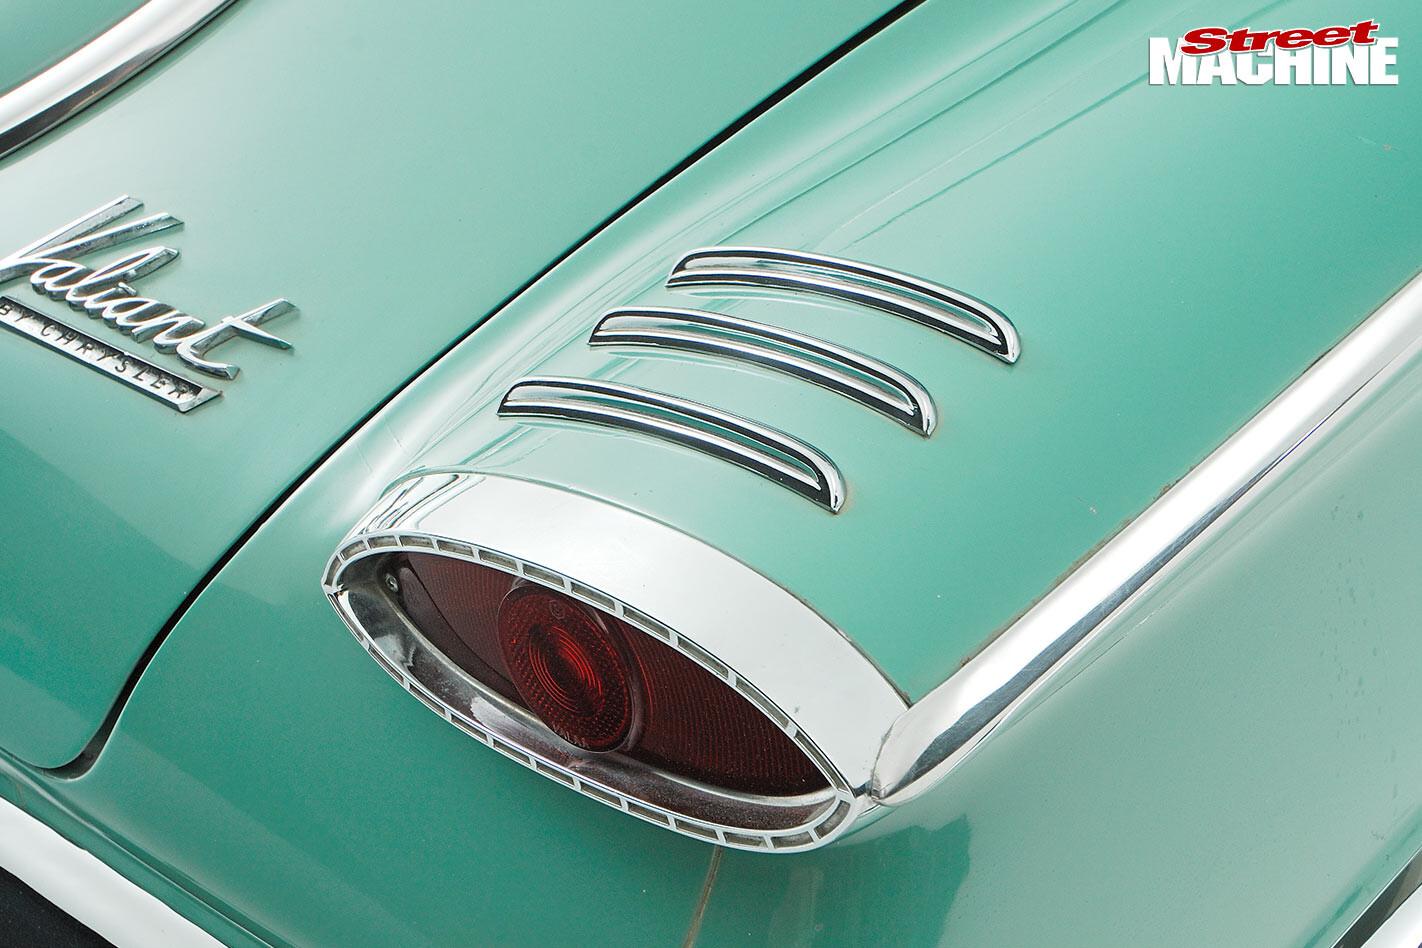 Chrysler Valiant tail light